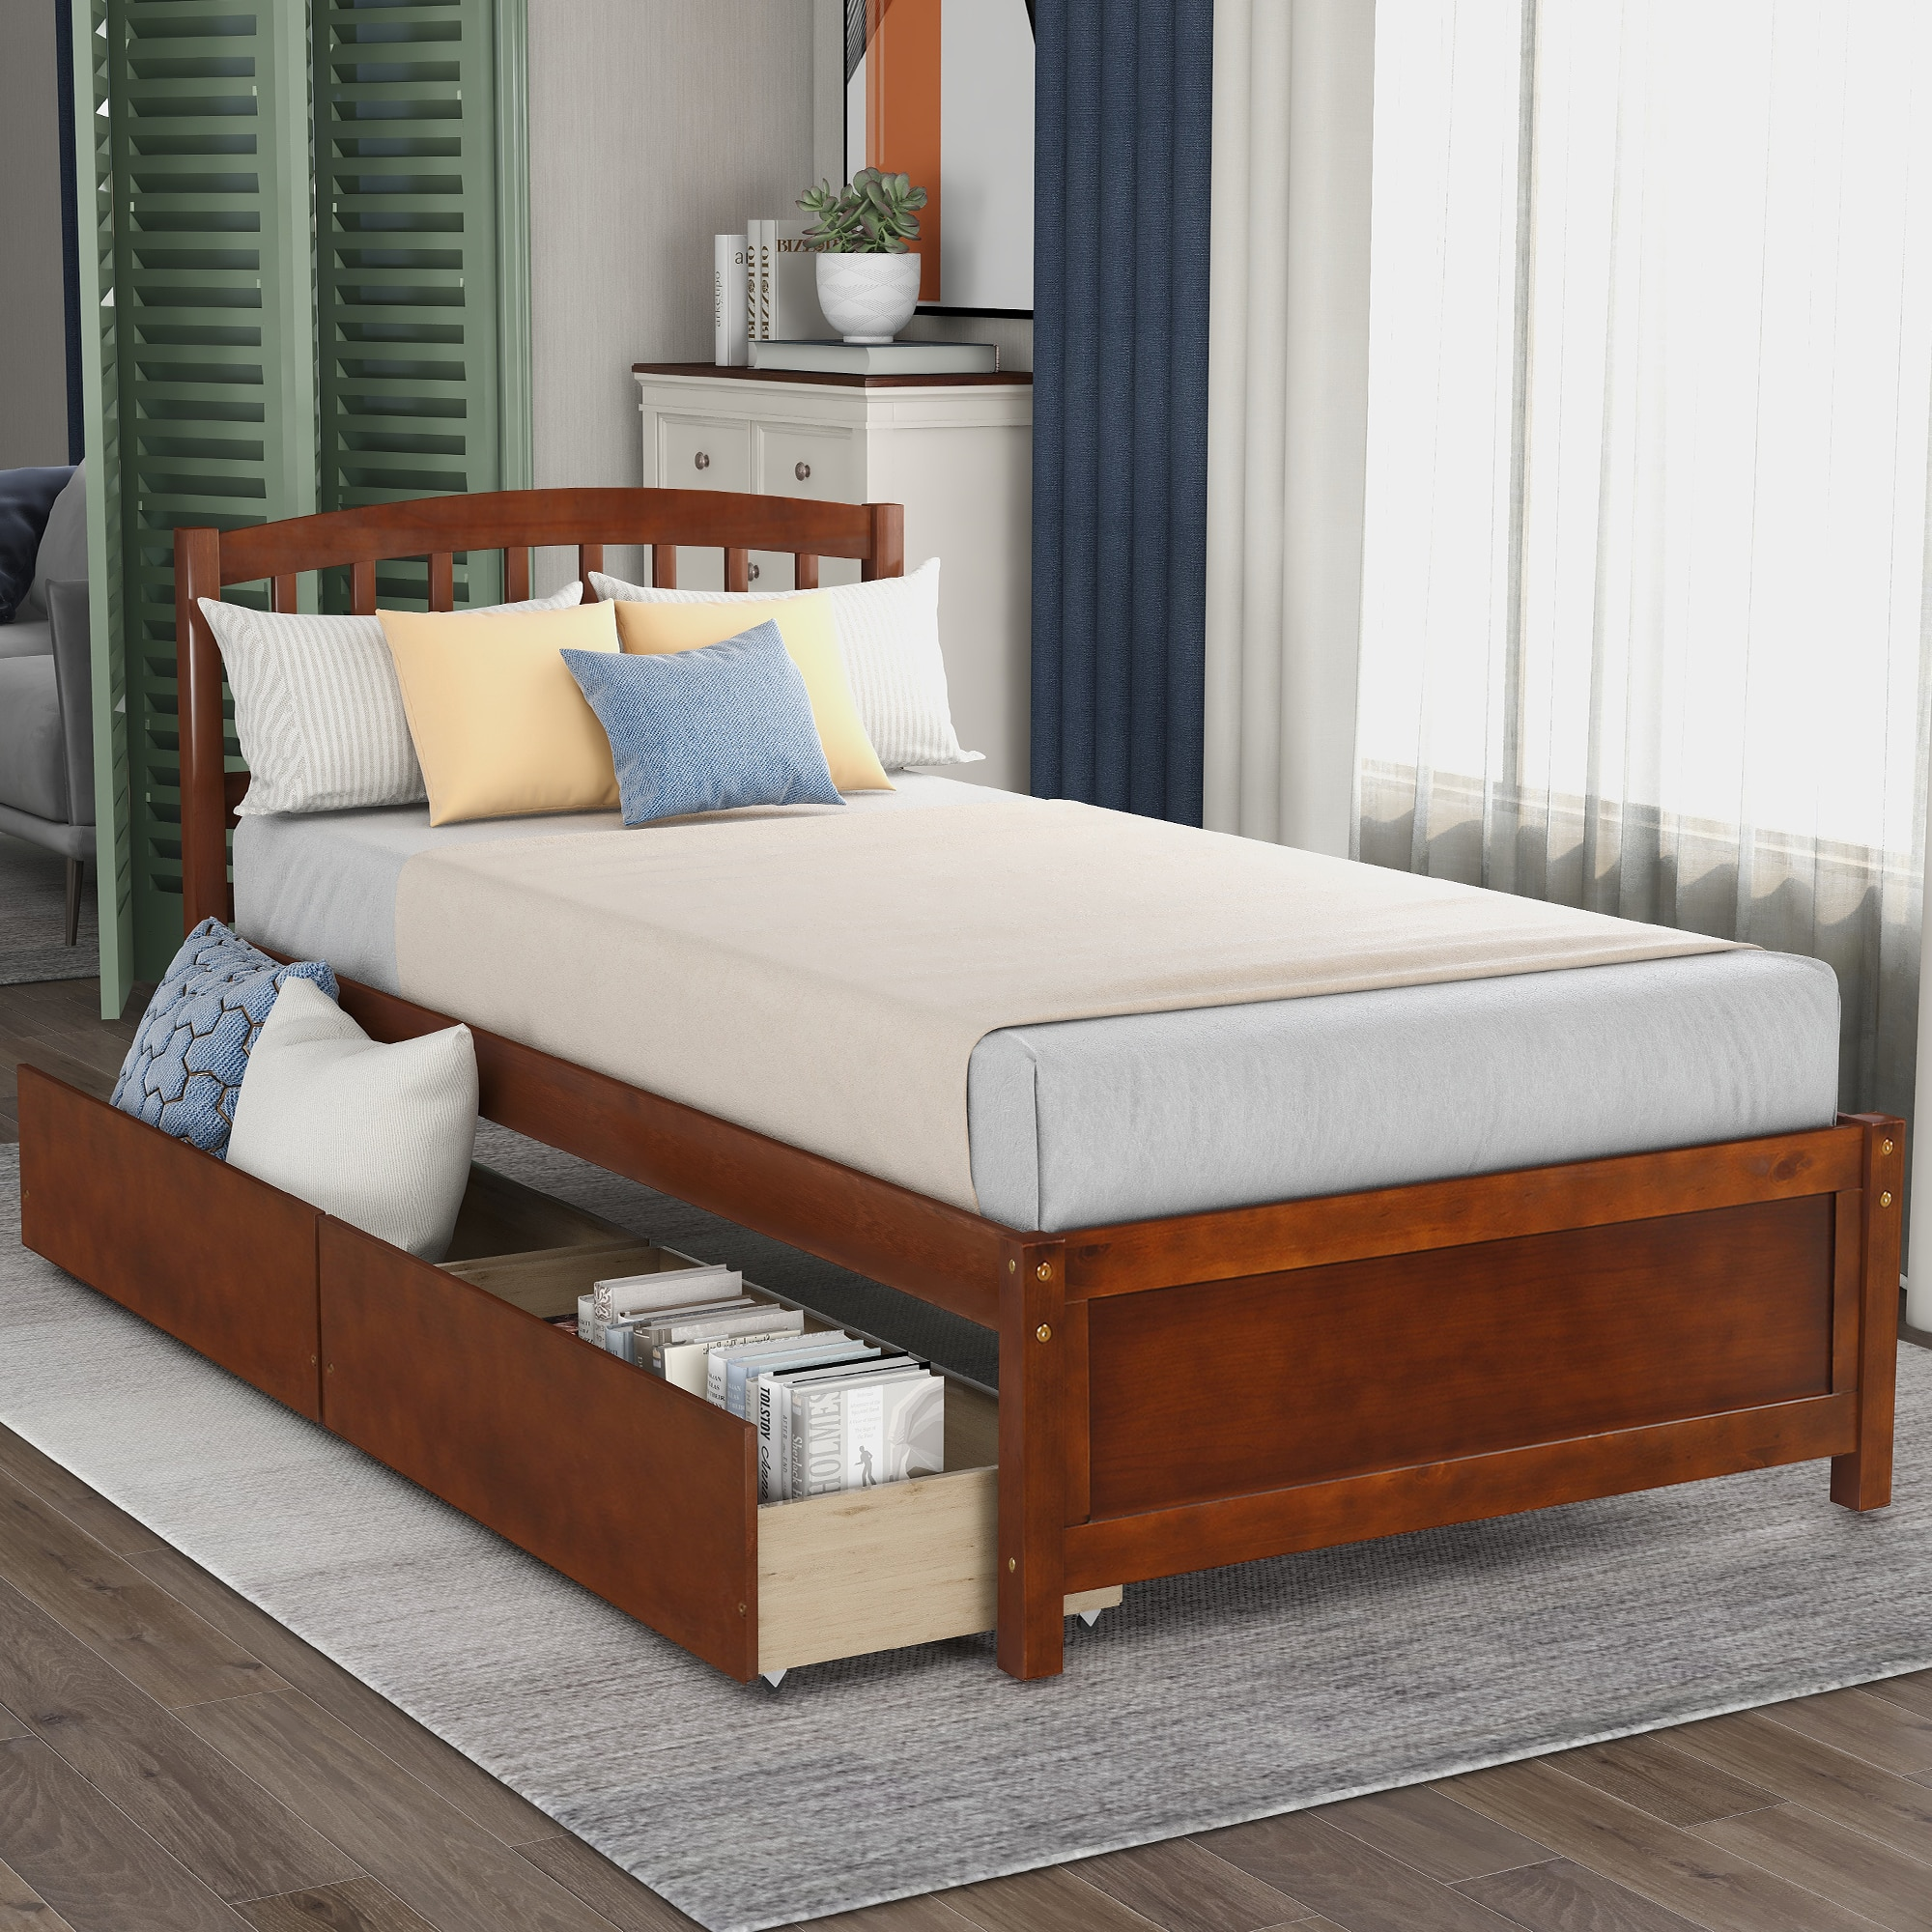 Twin Размеры Каркас кровати с изголовьем кровати мебель для спальни на платформе постели хранения деревянный каркас кровати с двумя ящиками ...